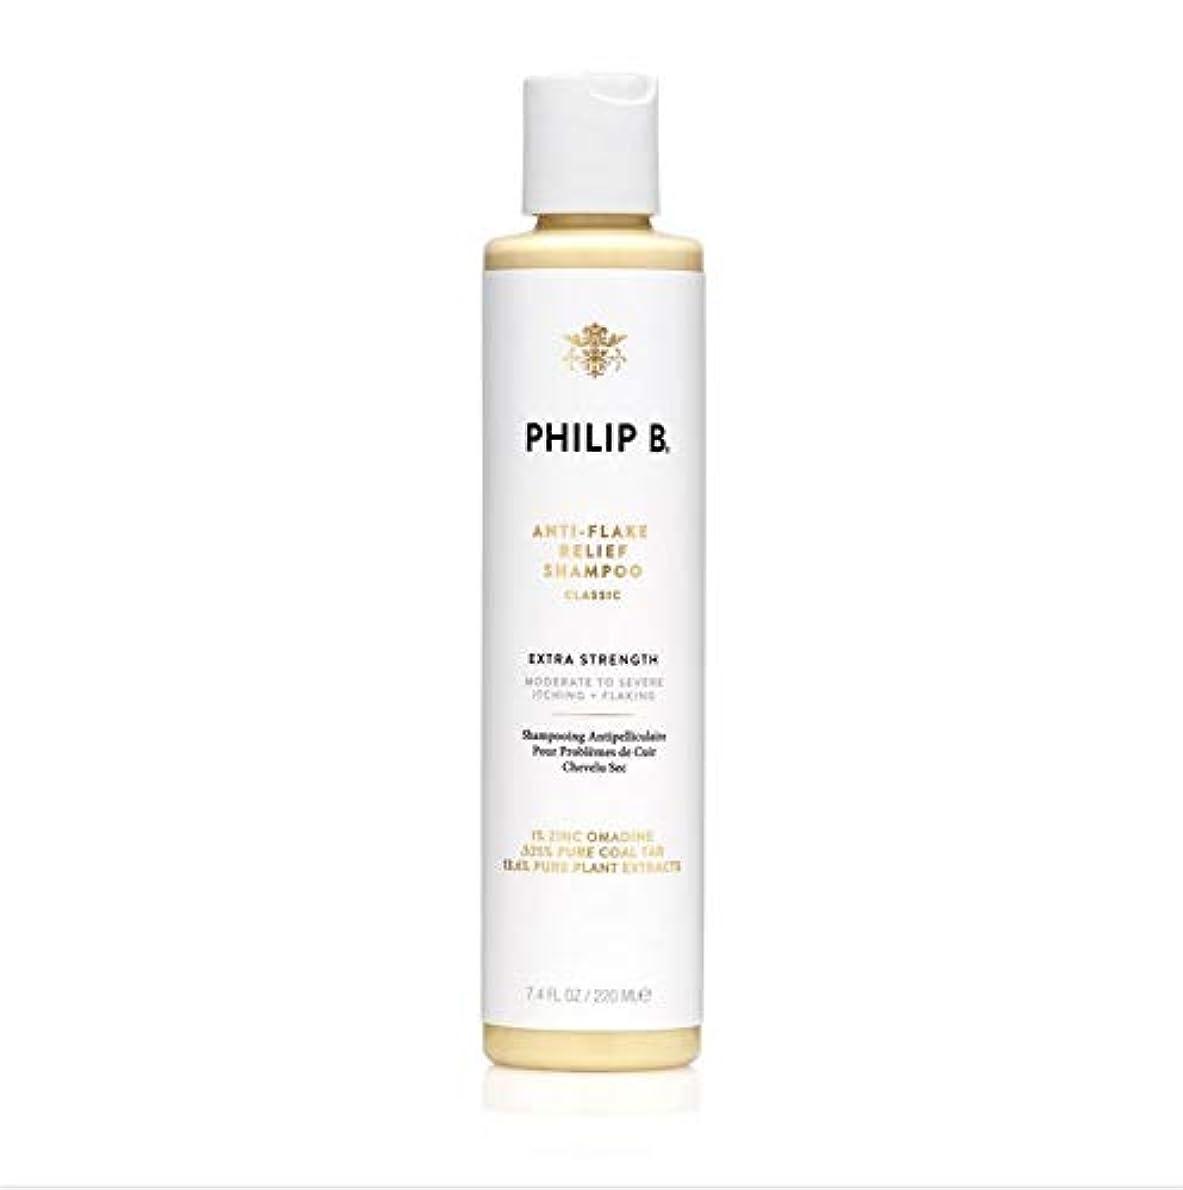 電話少なくとも飾るAnti-Flake Relief by Philip B Botanical Products Shampoo 220ml